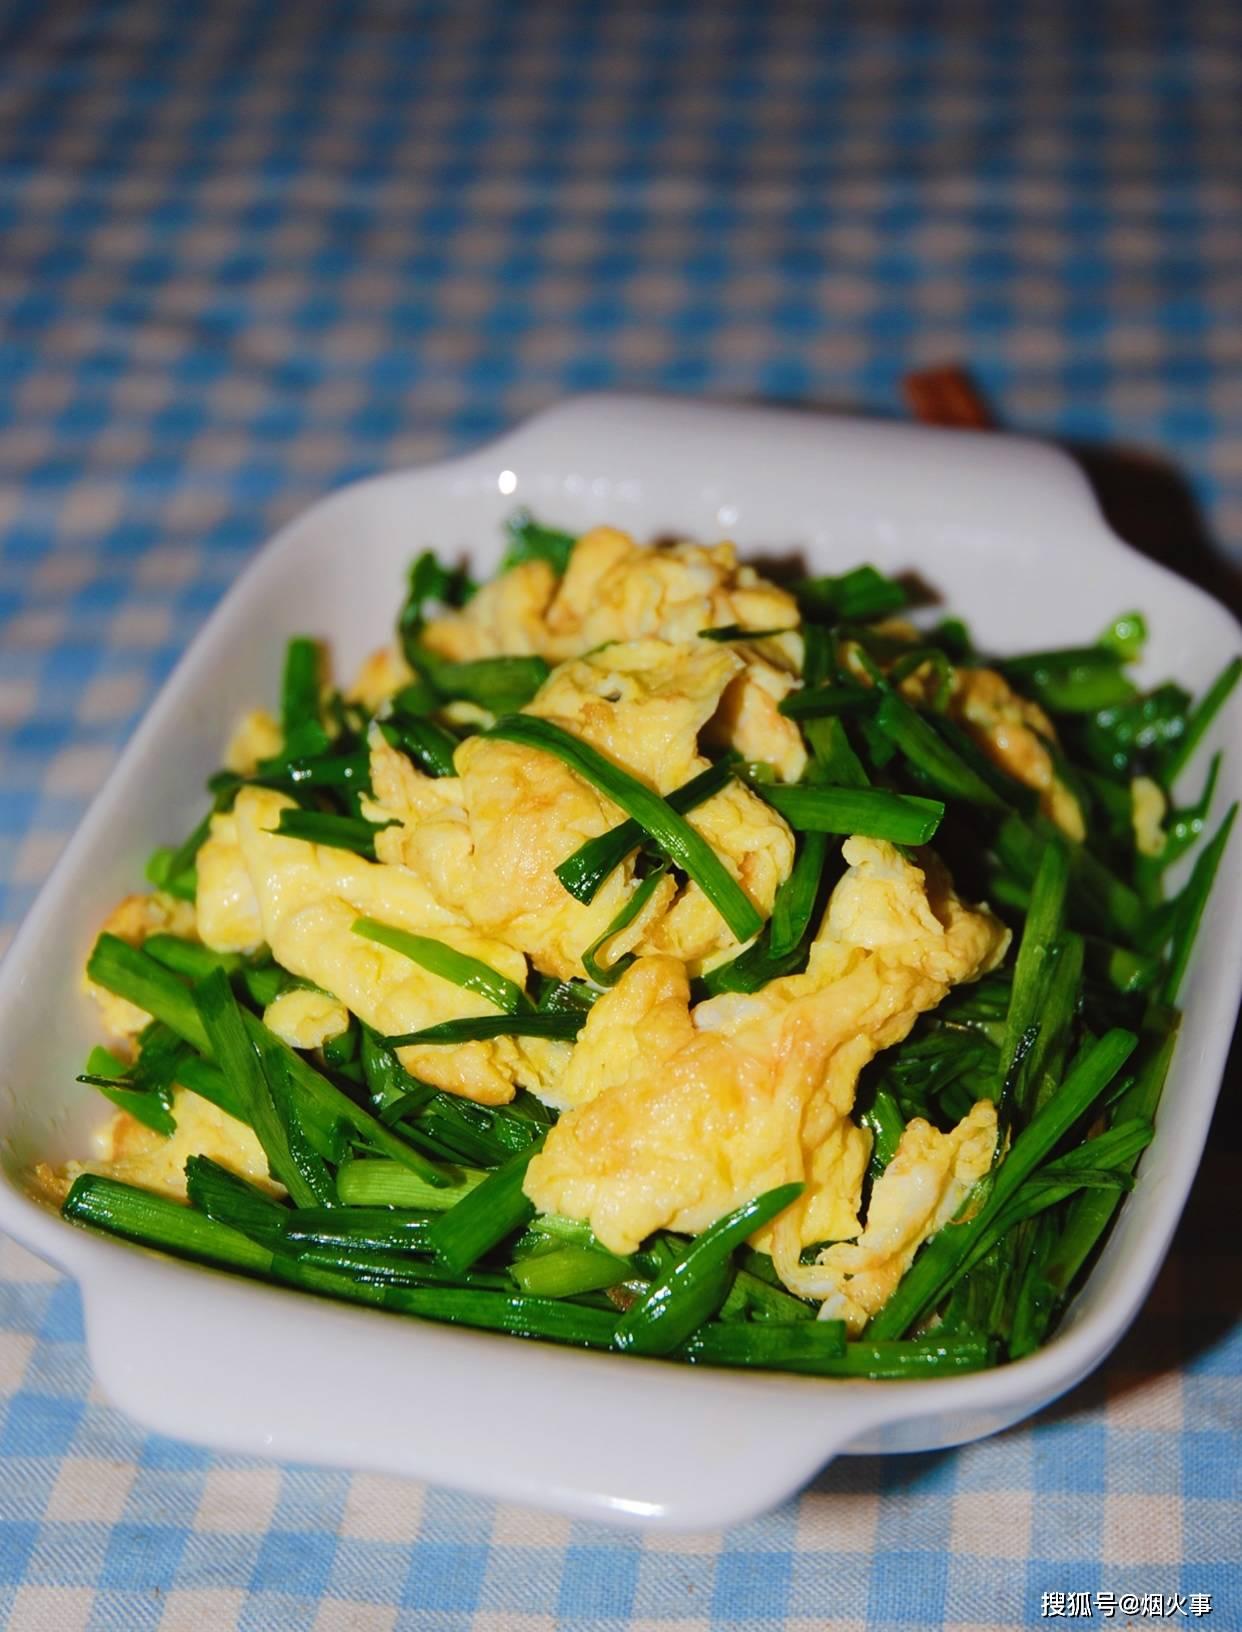 蒜苗炒鸡蛋,先炒鸡蛋还是先炒蒜苗?这样做蒜苗不老鸡蛋嫩滑,下酒下饭都美味